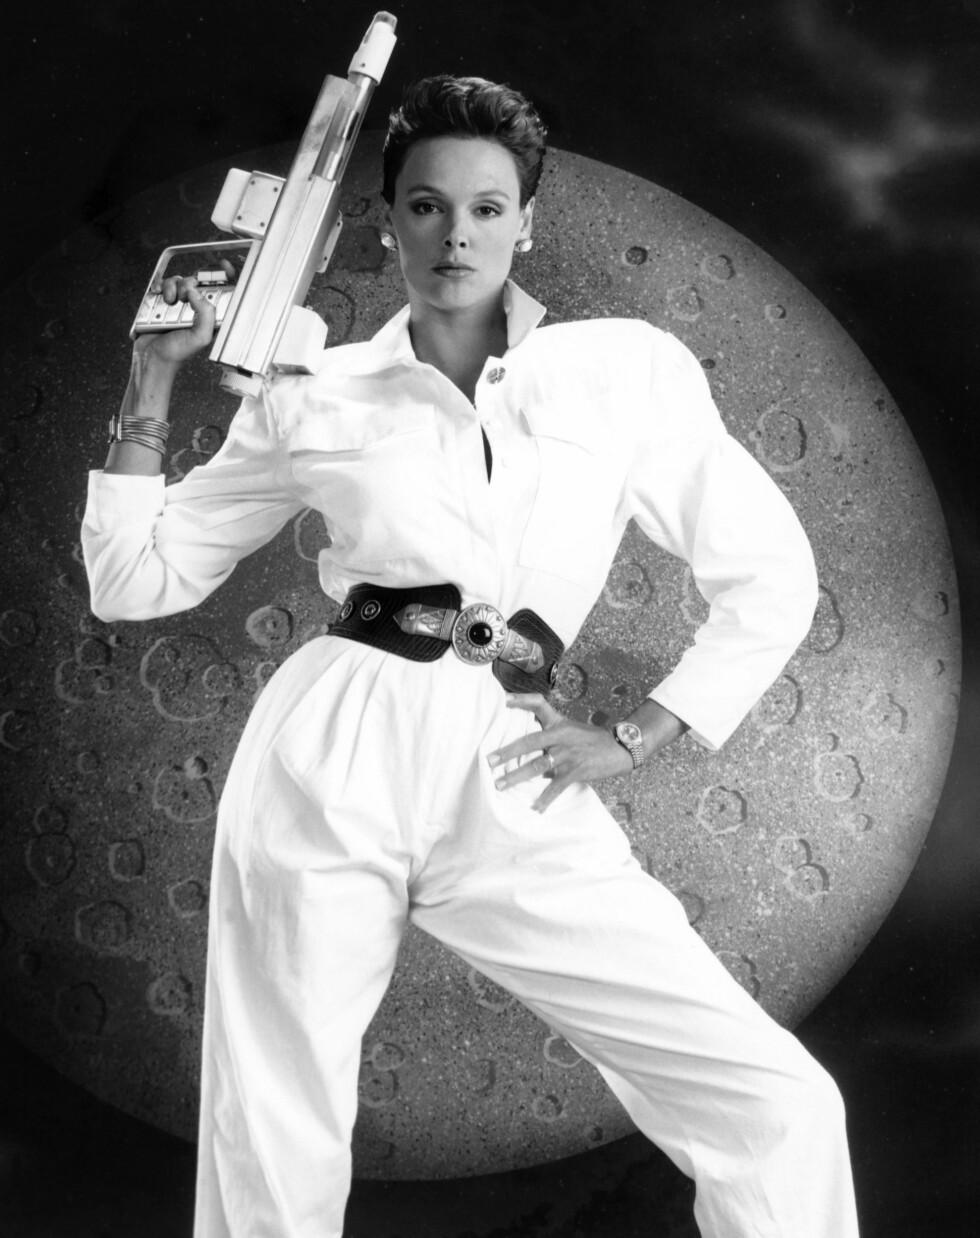 SÅNN SKAL DET GJØRES, BRIGITTE: Buksedrakten i all sin prakt - her på Brigitte Nielsen i filmen «Murder by Moonlight» fra 1989. Foto: All Over Press